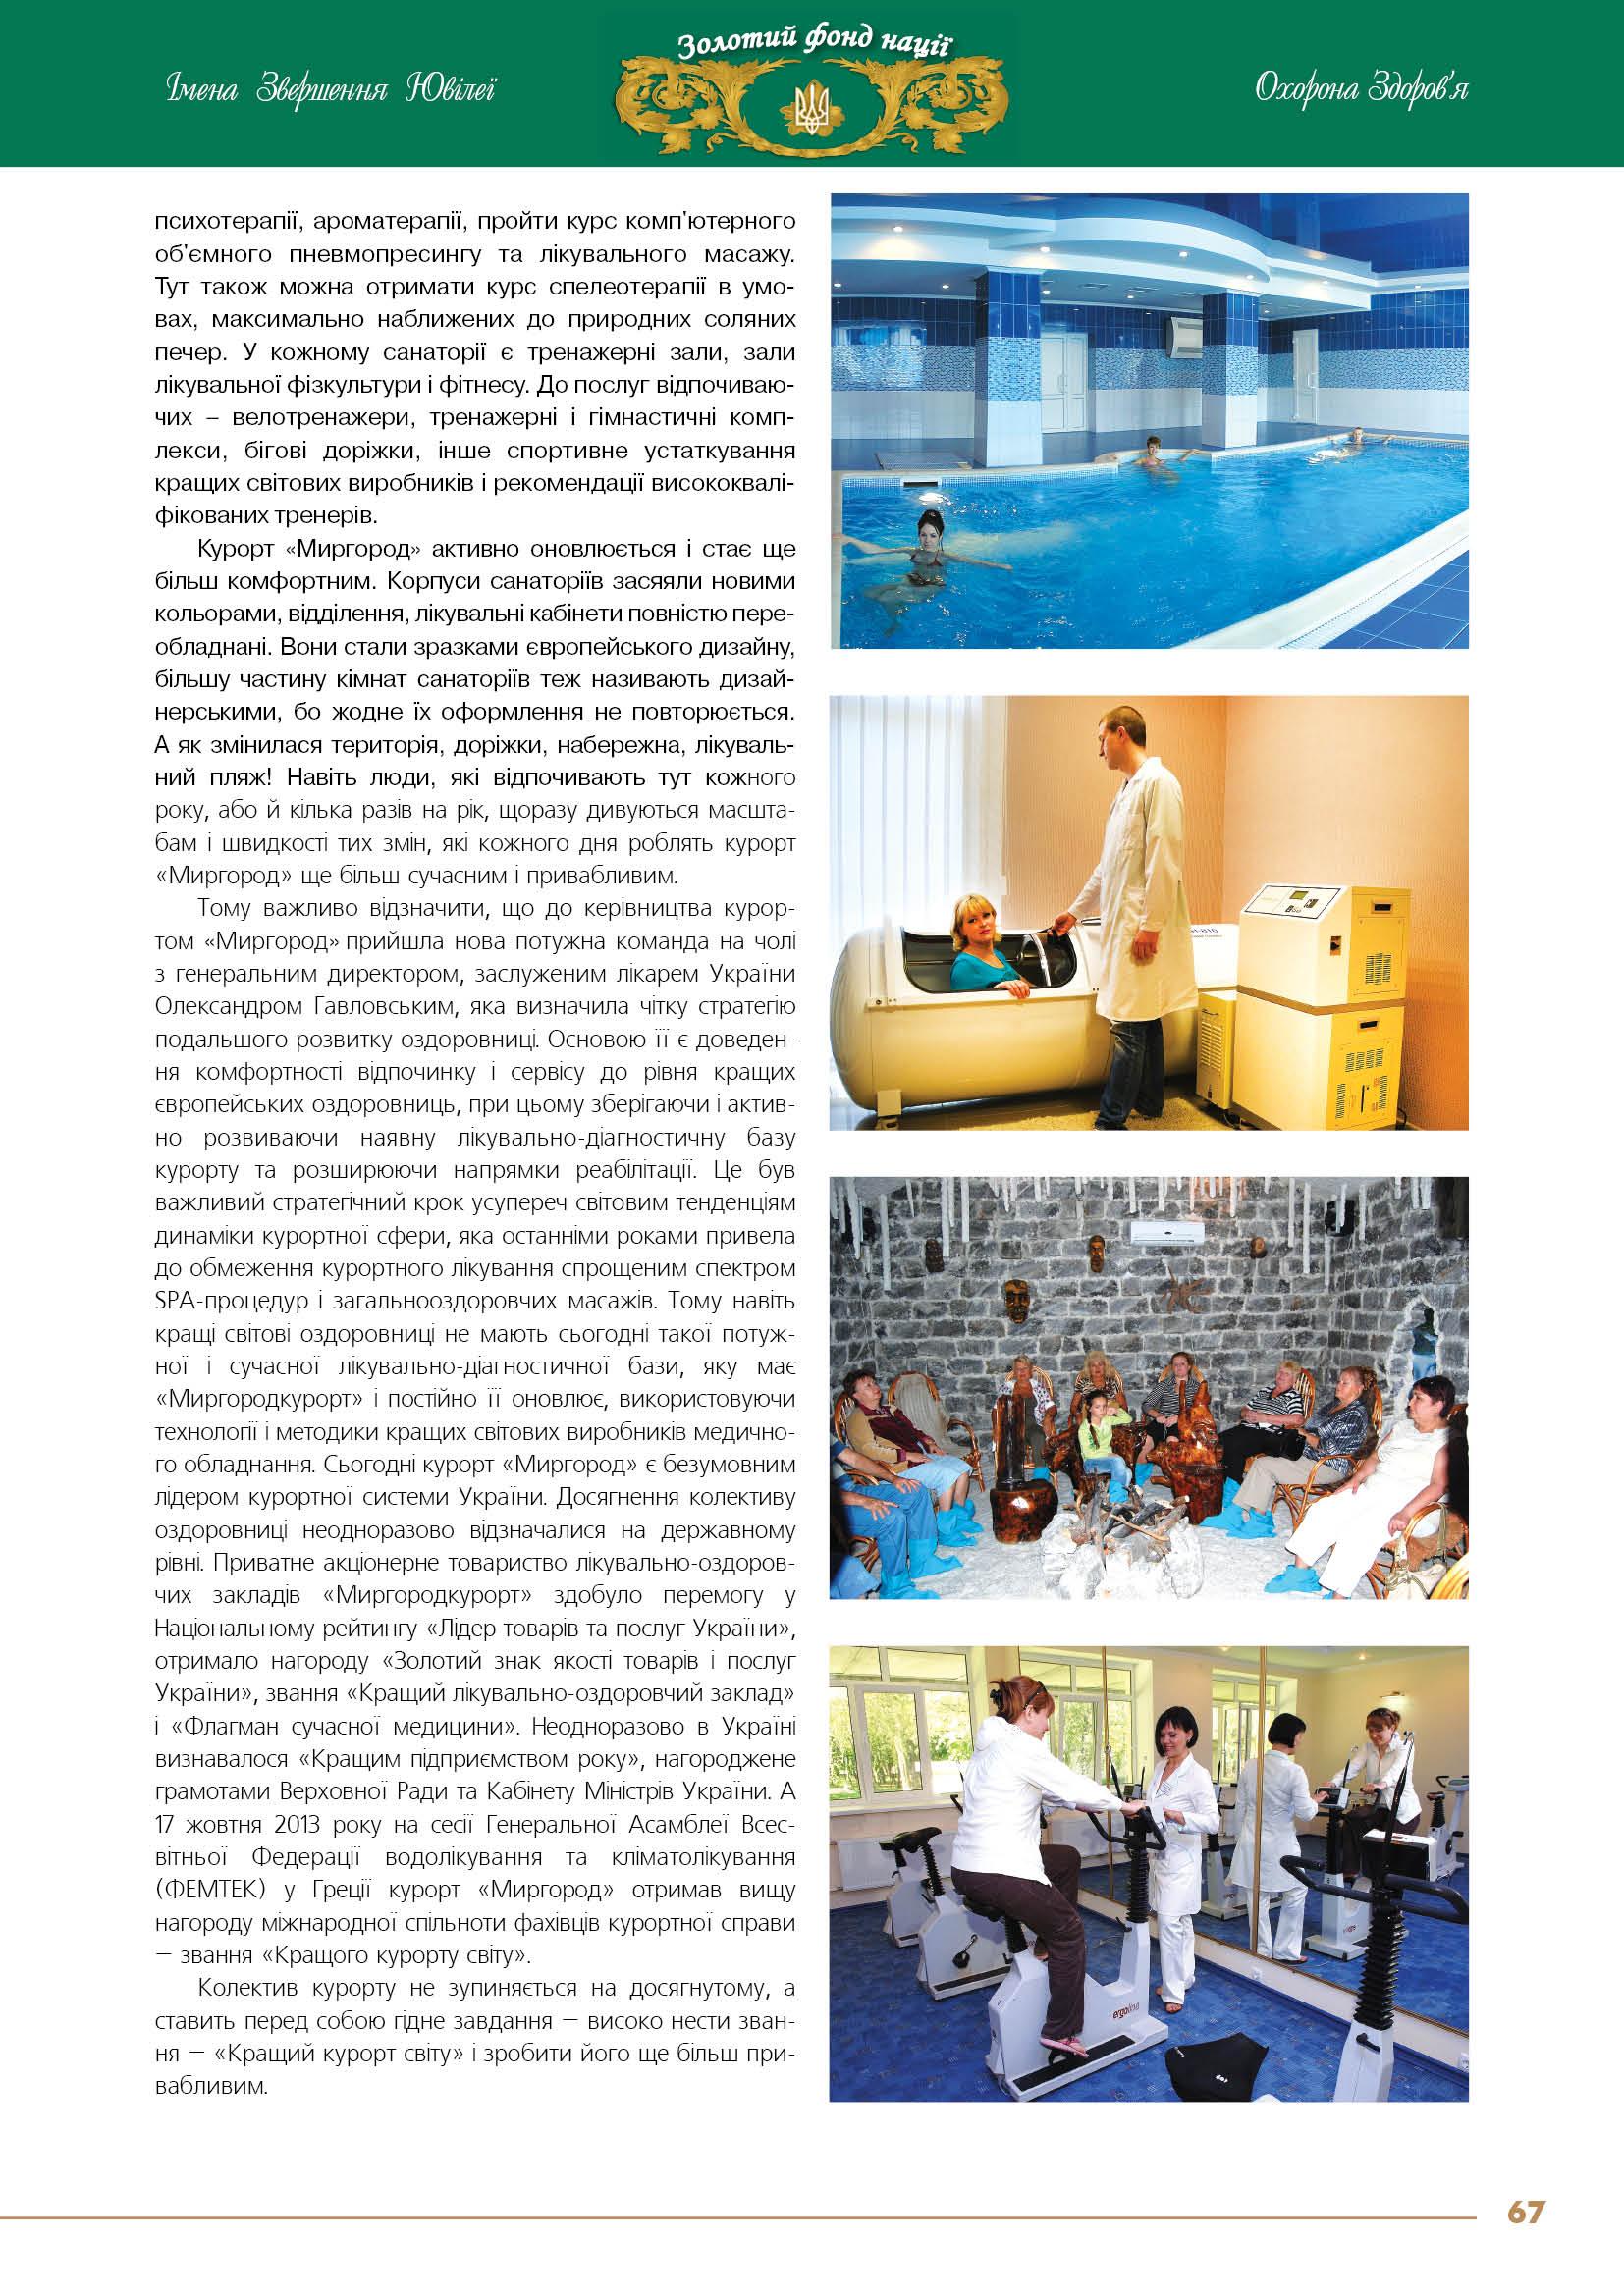 Курорт «Миргород» - тут кожен день додає життя!